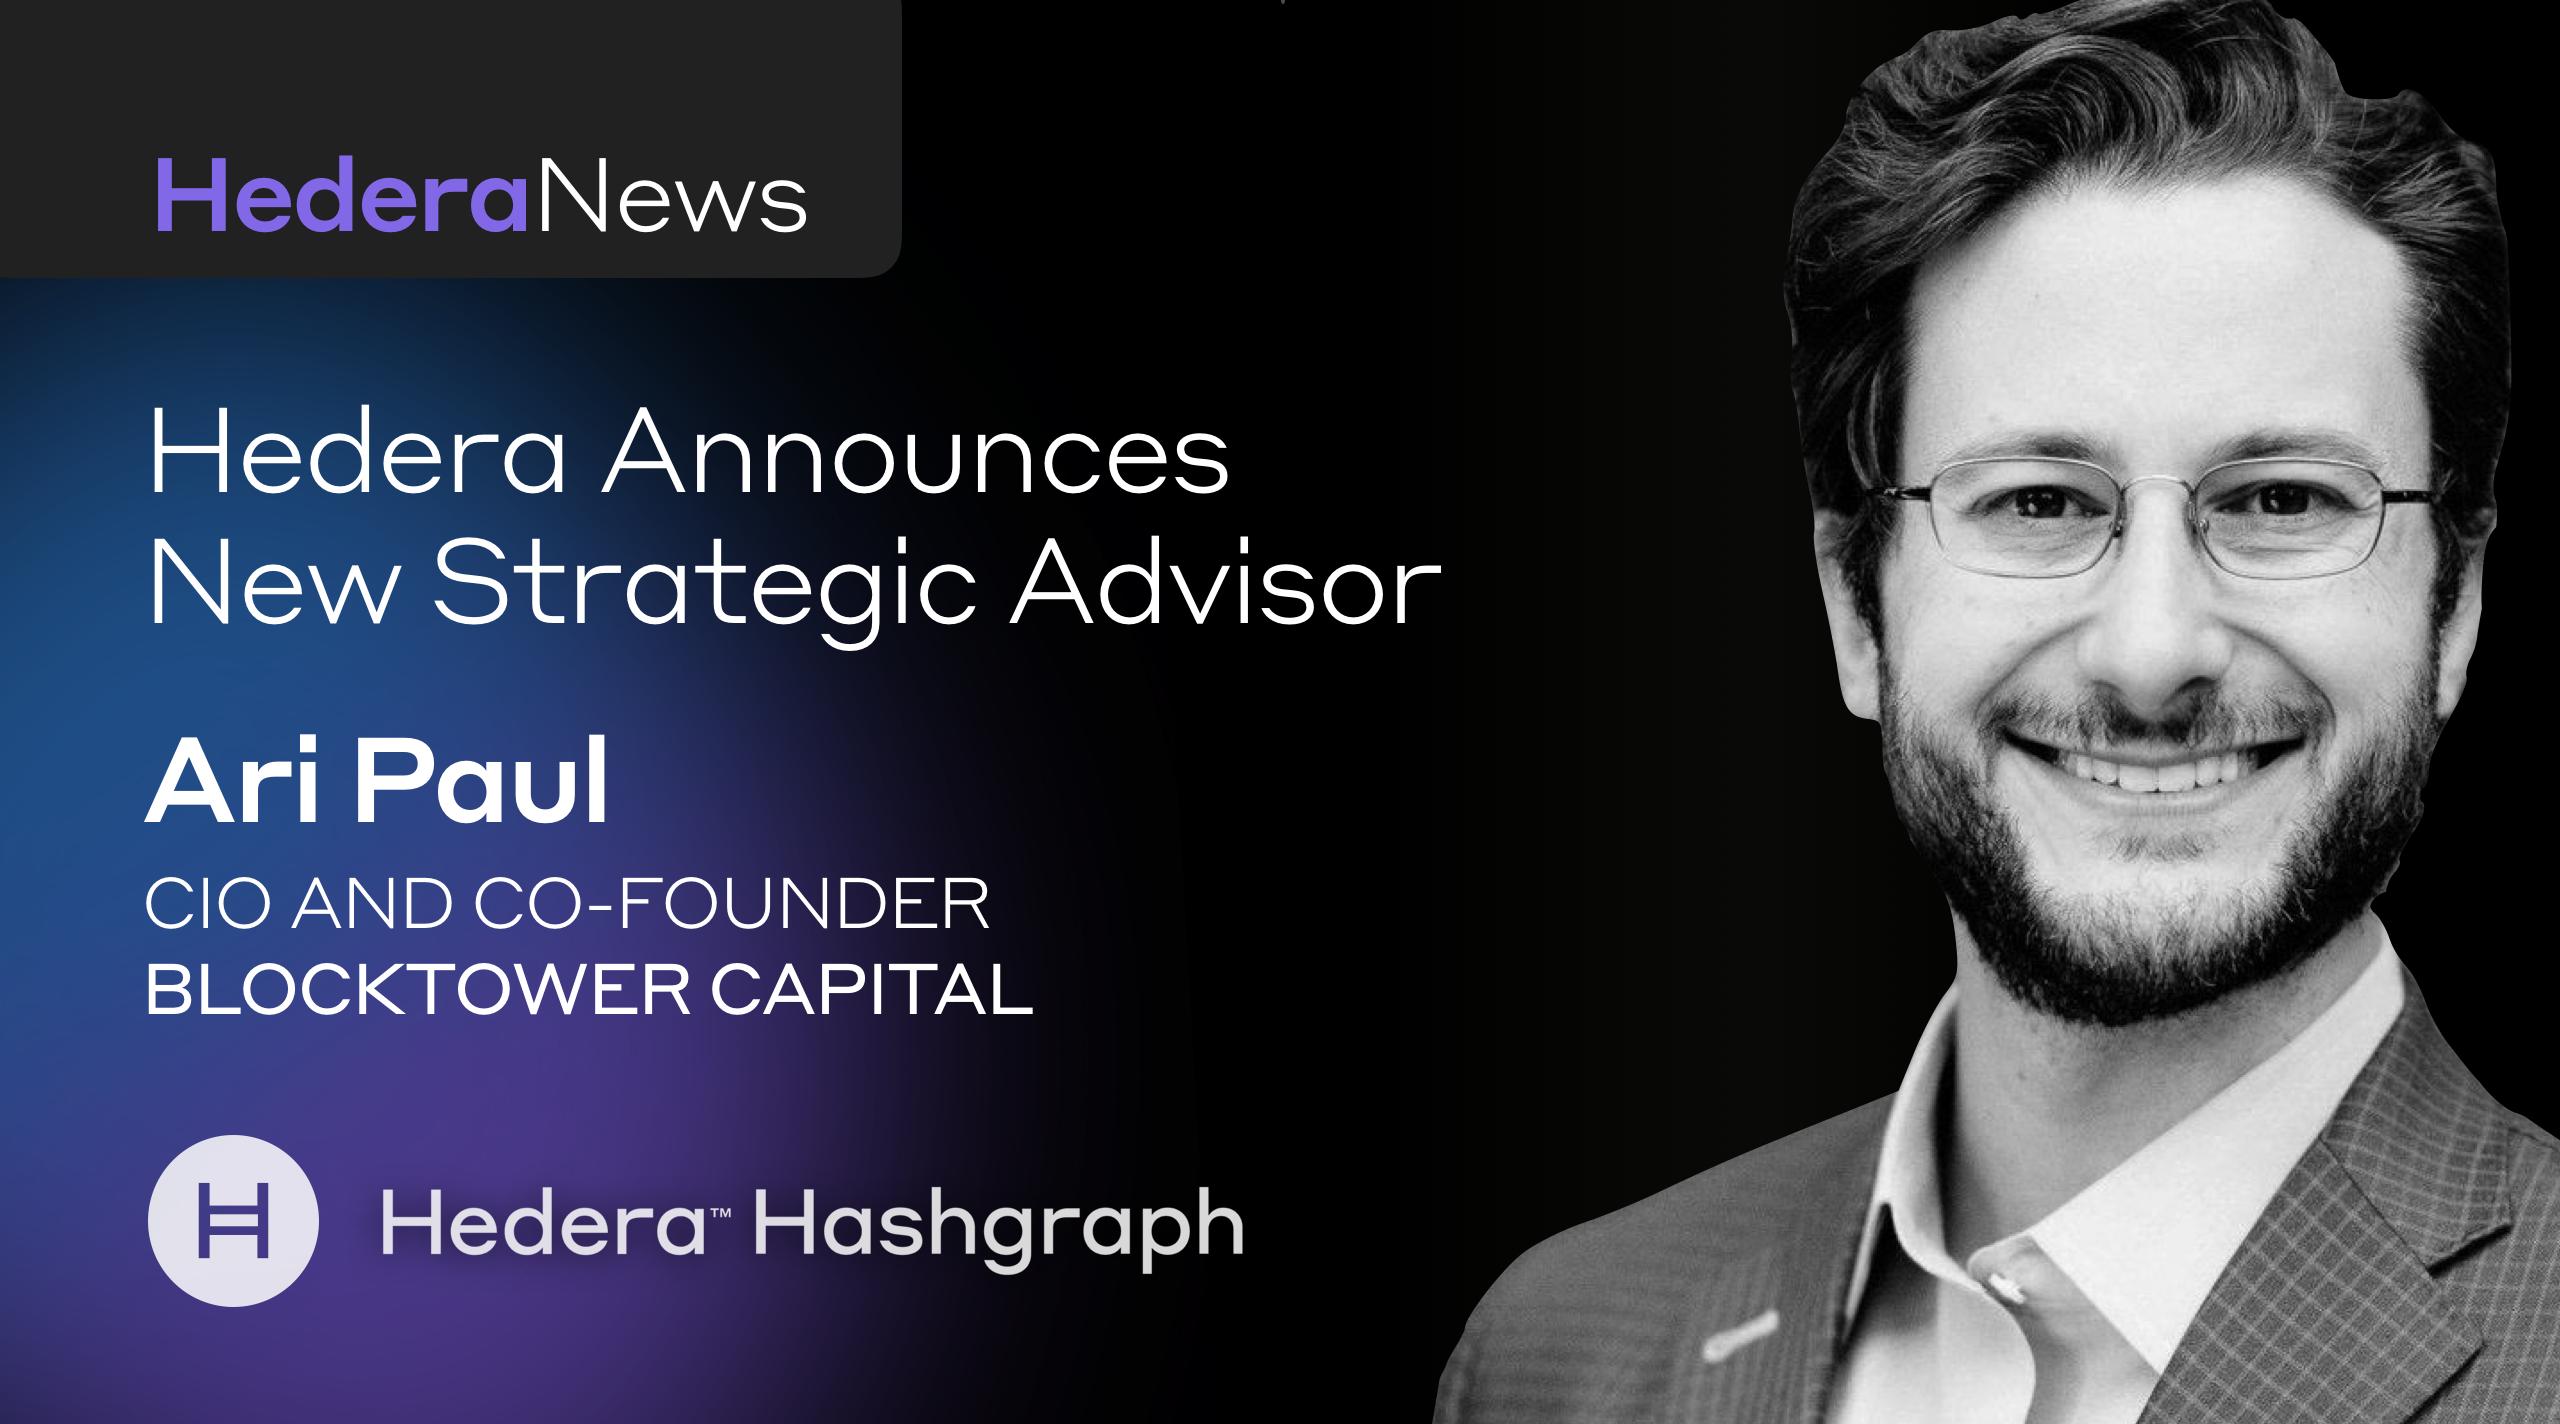 미국 크립토 펀드 '블록타워 캐피털' 창립자, 헤데라 해시그래프 전략 고문에 합류